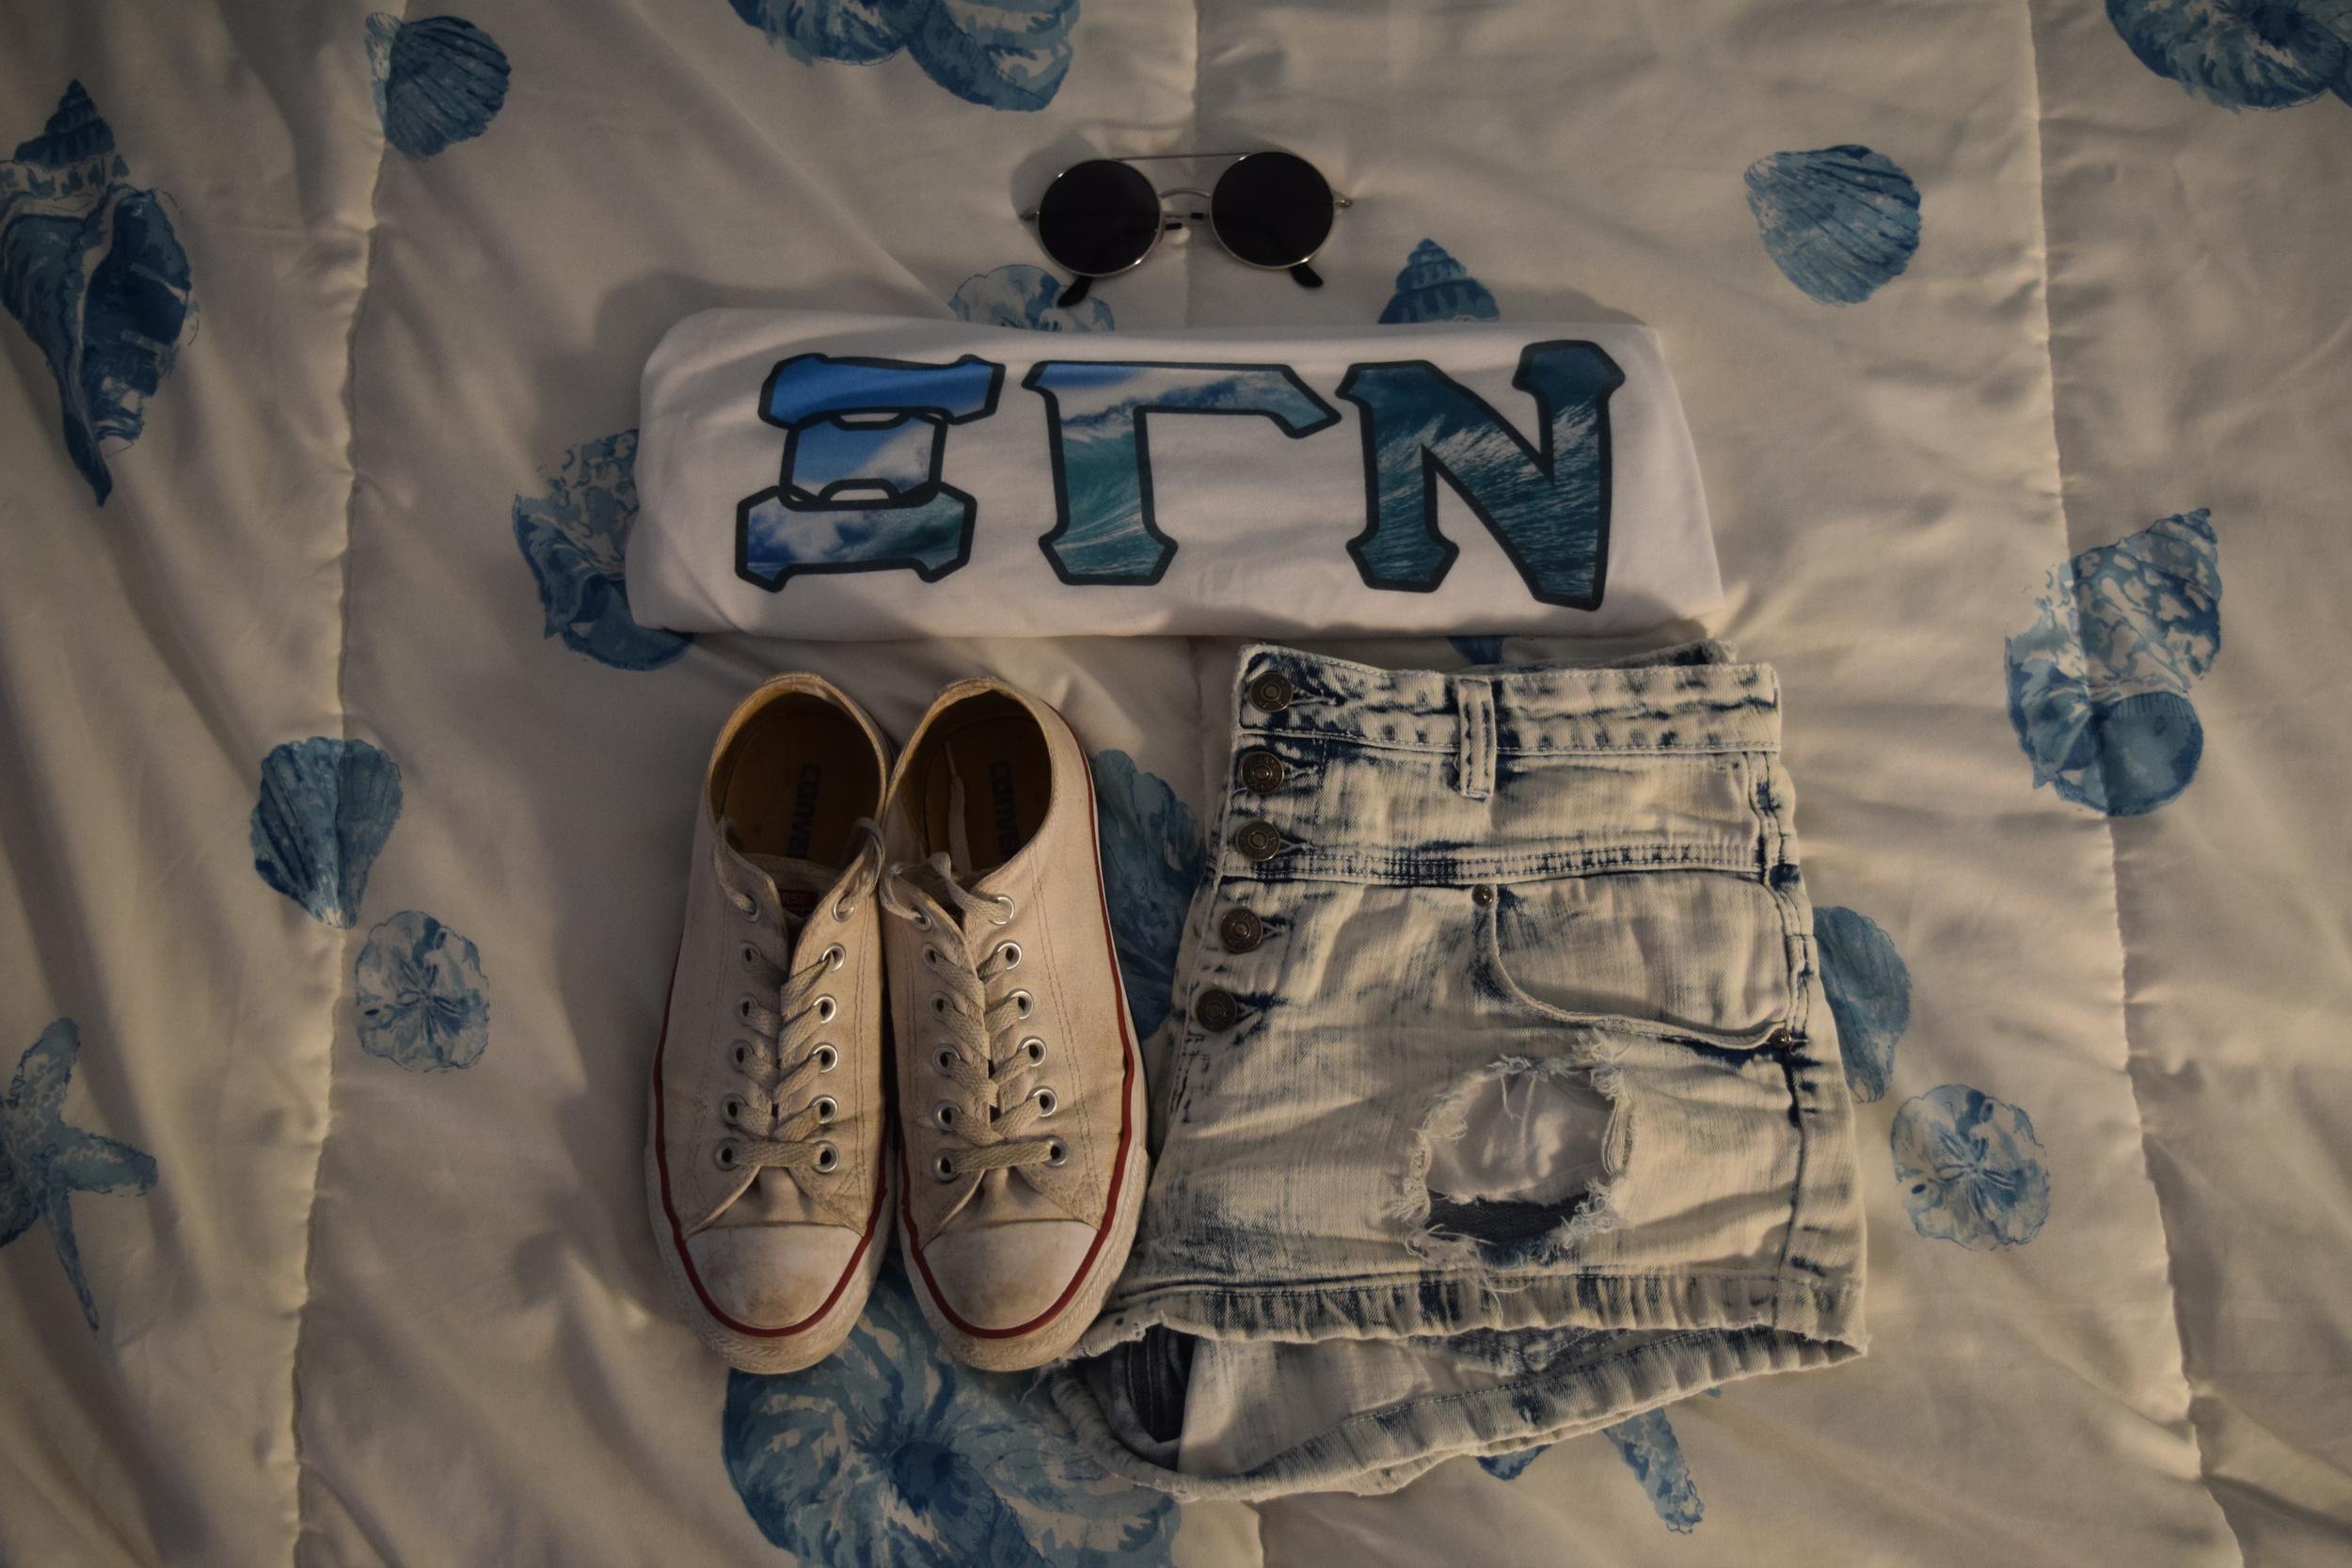 Tank Top .  Shorts .  Sneakers .  Sunglasses  (similar).